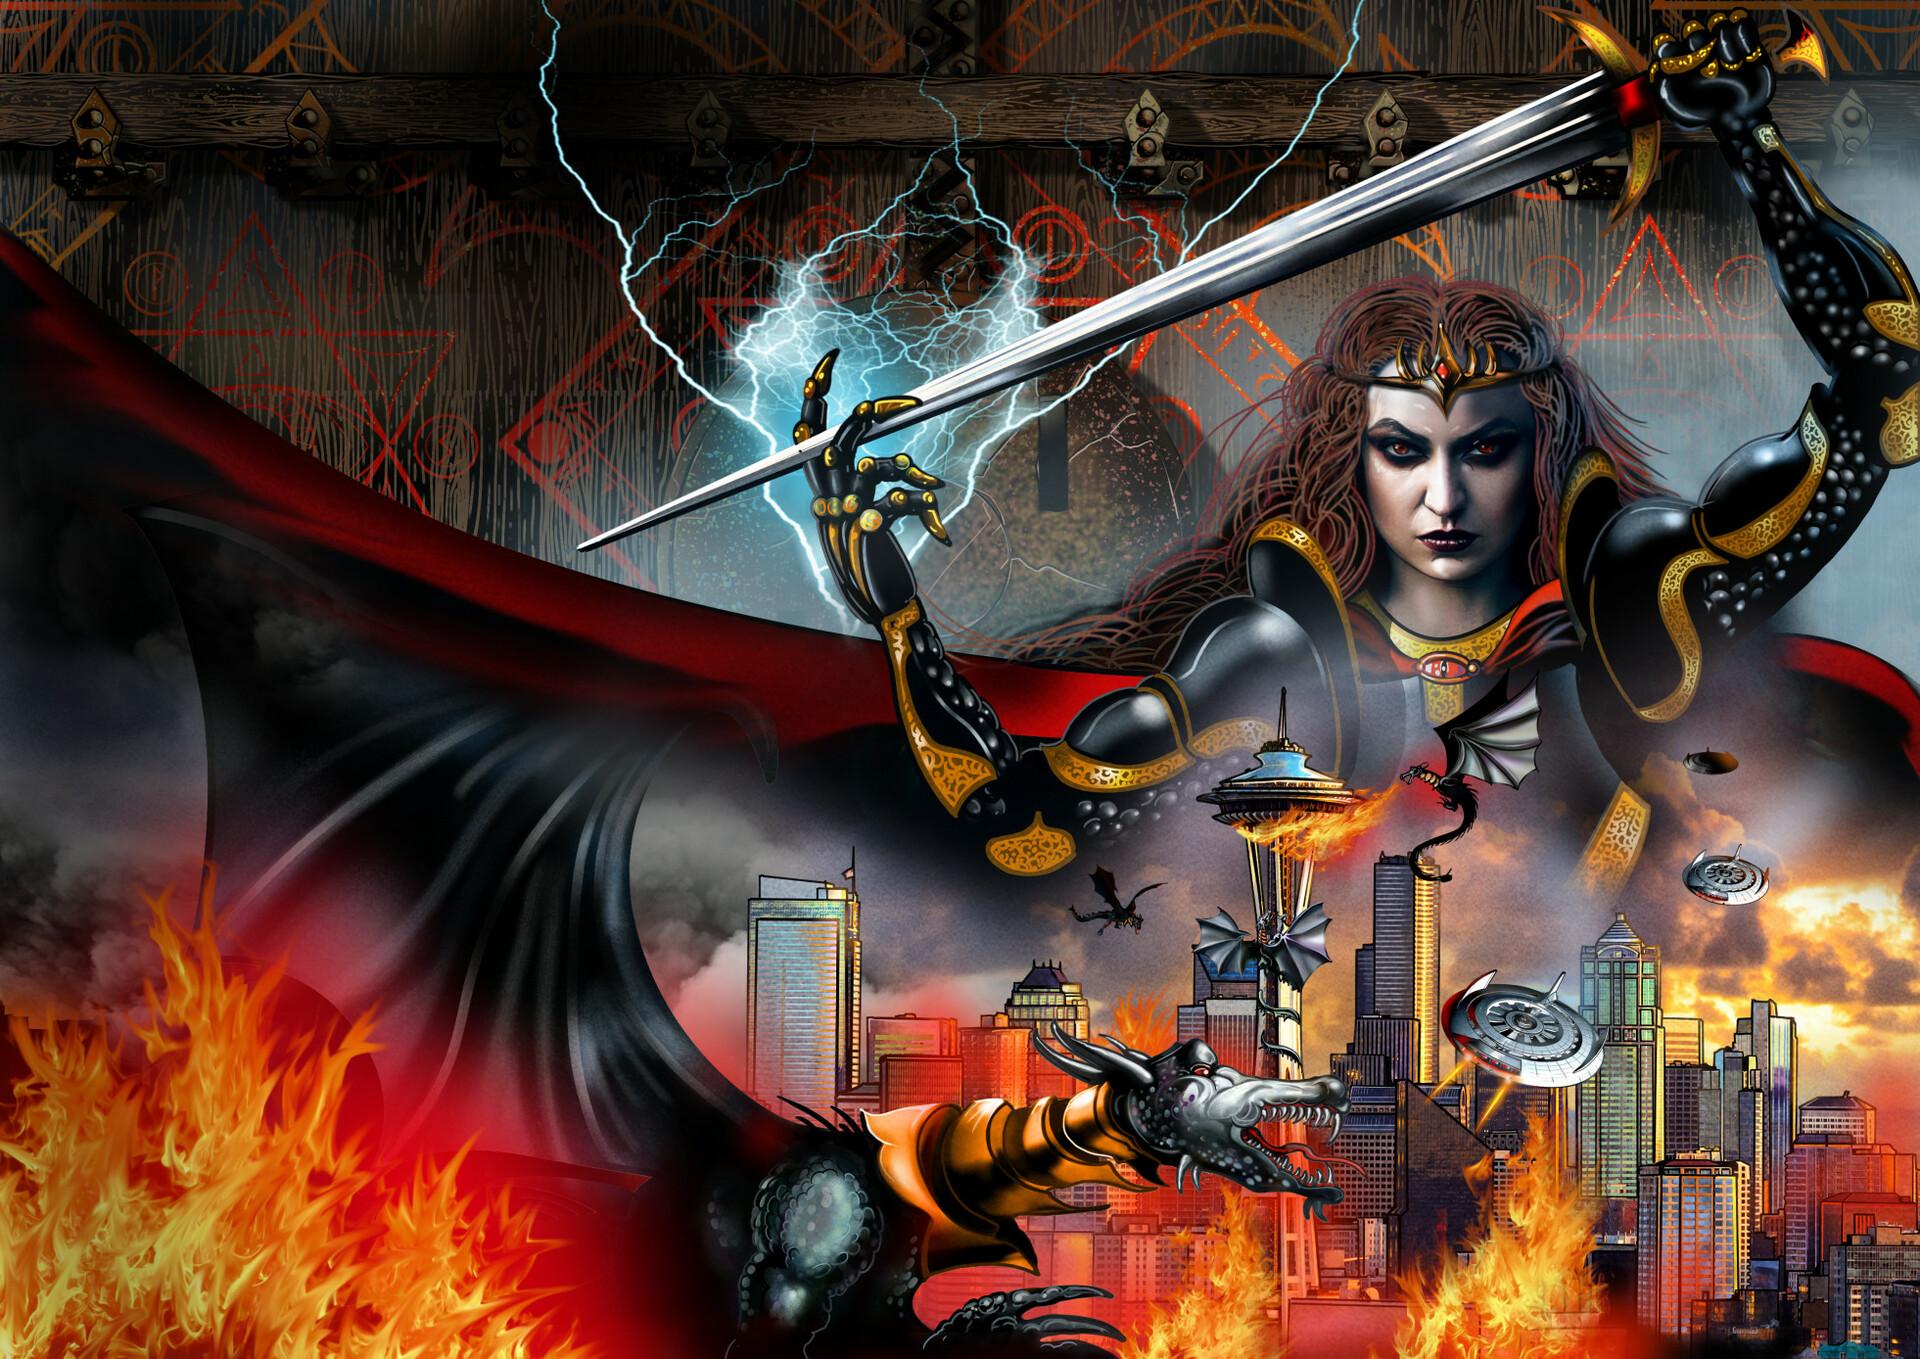 Jon gerung ya book fantasy cover